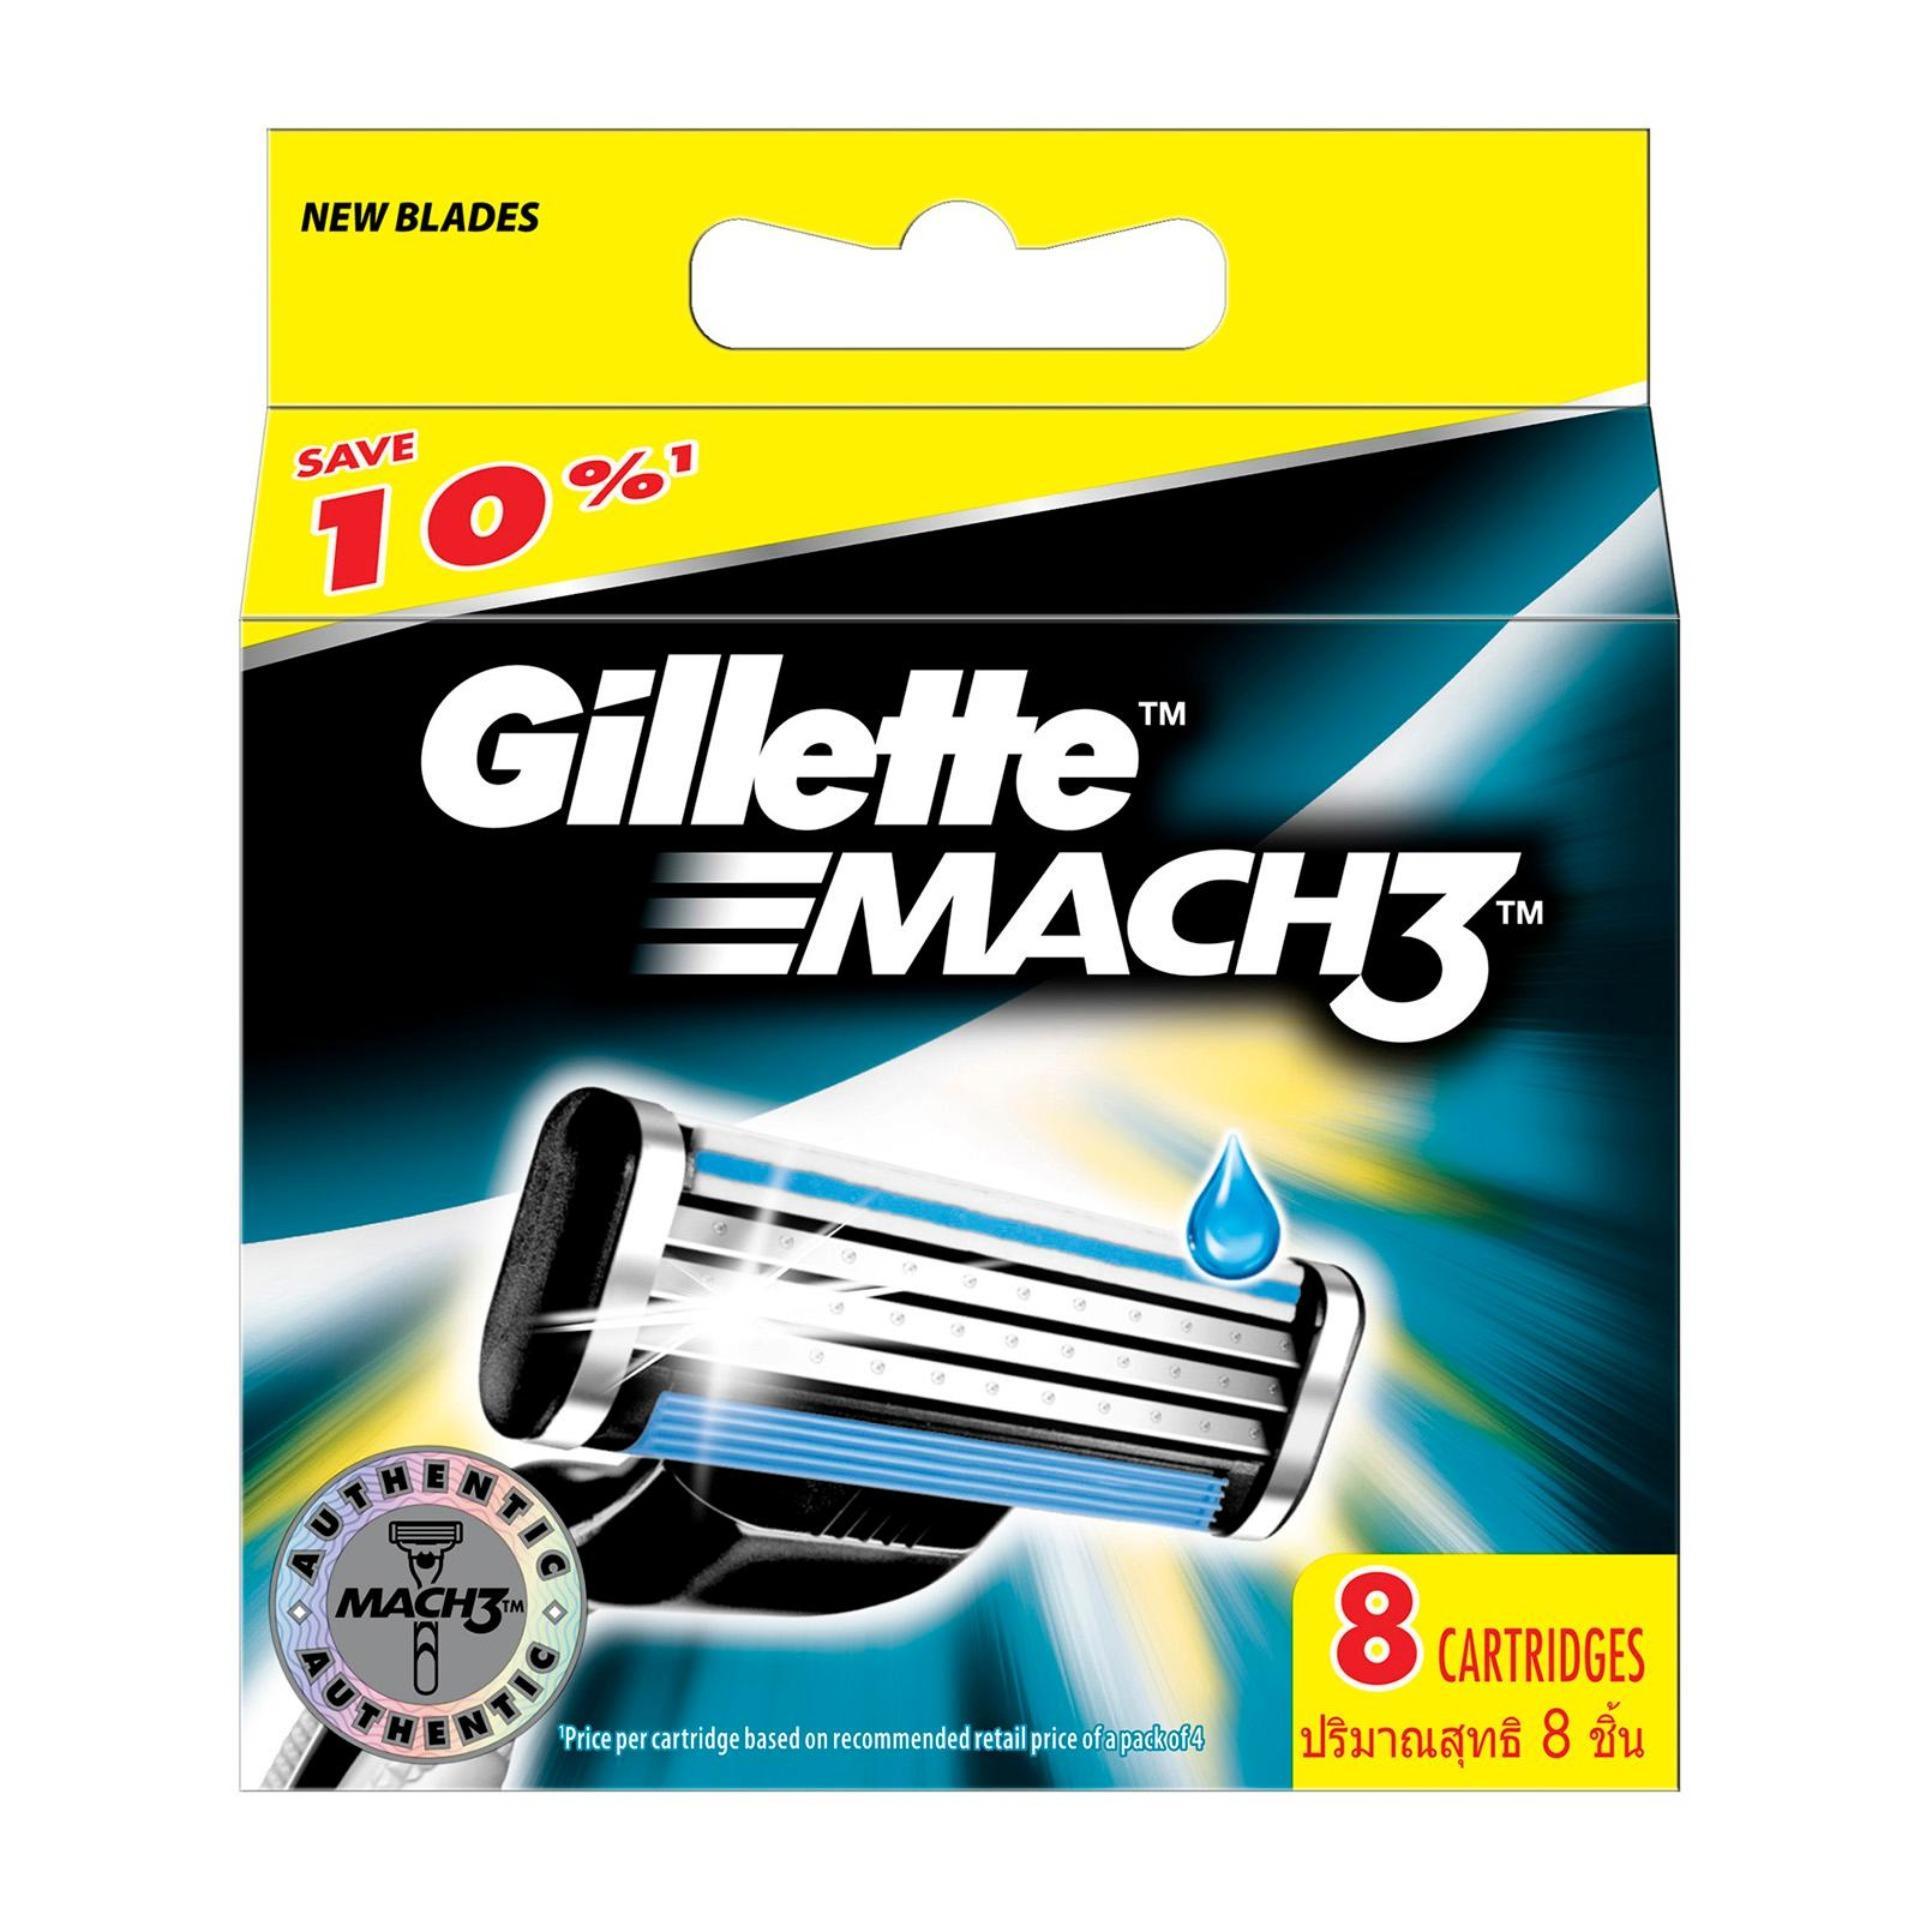 Best Gillette Mach 3 Blades 8 Cartridges